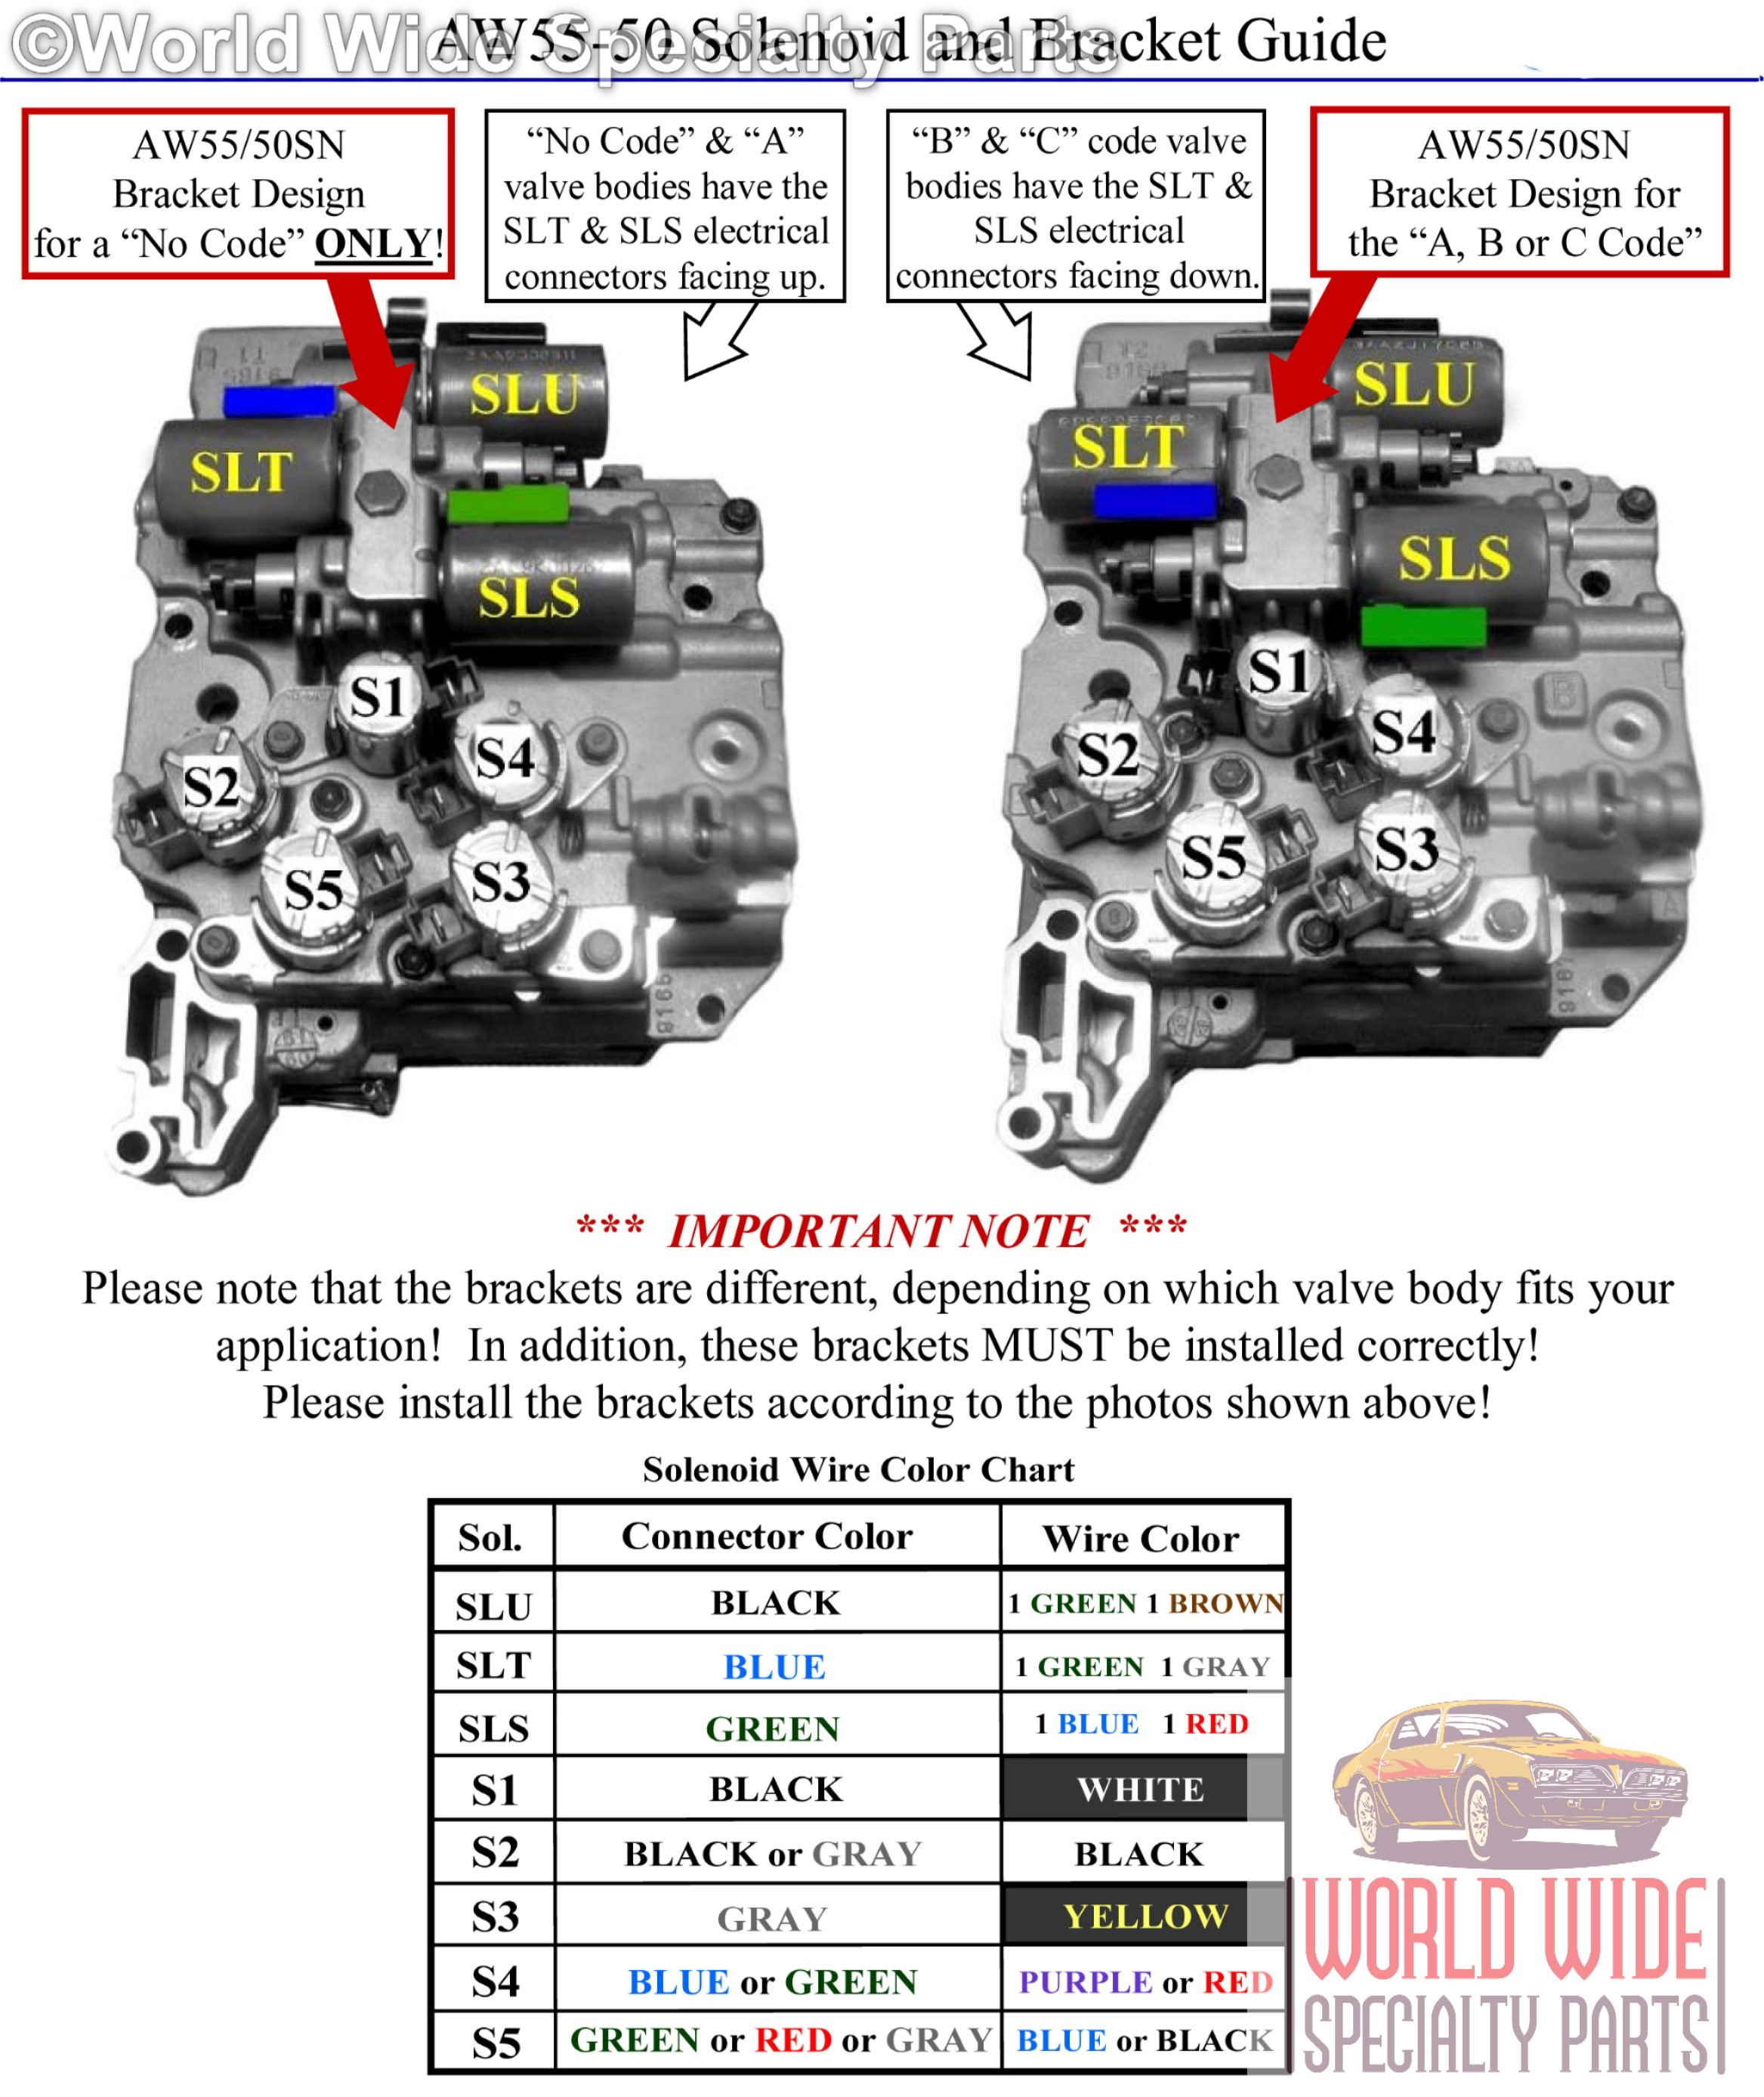 Fits Nissan Re5f22a Aw55 50sn Valve Body 2005 Up Lifetime Warranty Rh Ebay  Com Nissan Transmission Valve Body Nissan Transmission Valve Body